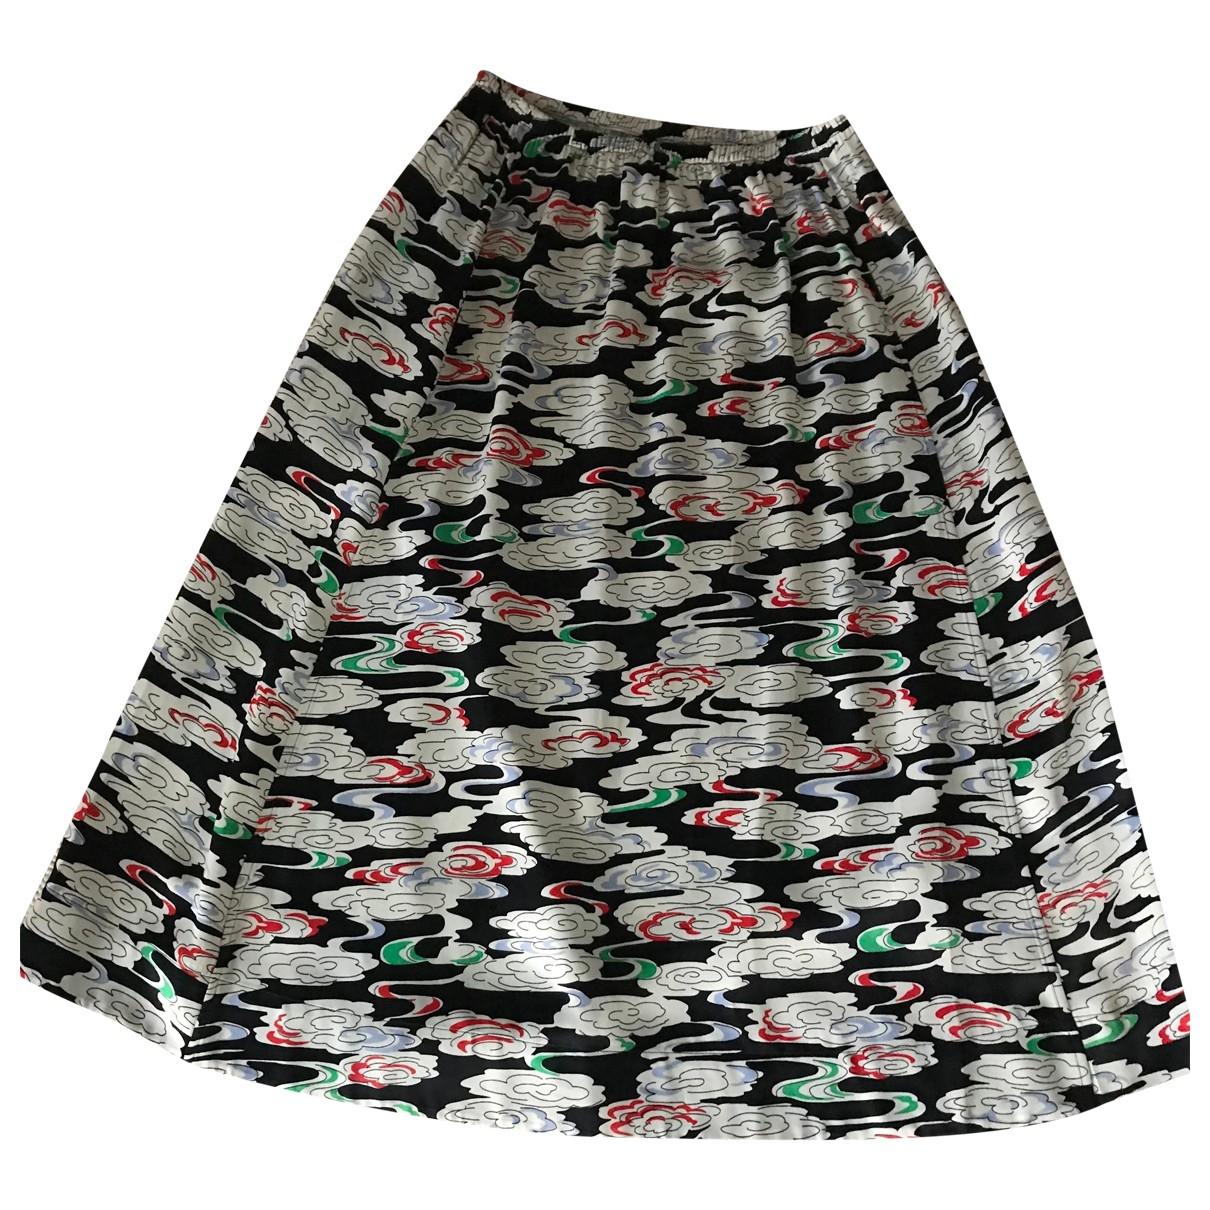 Arket \N Multicolour skirt for Women 36 FR